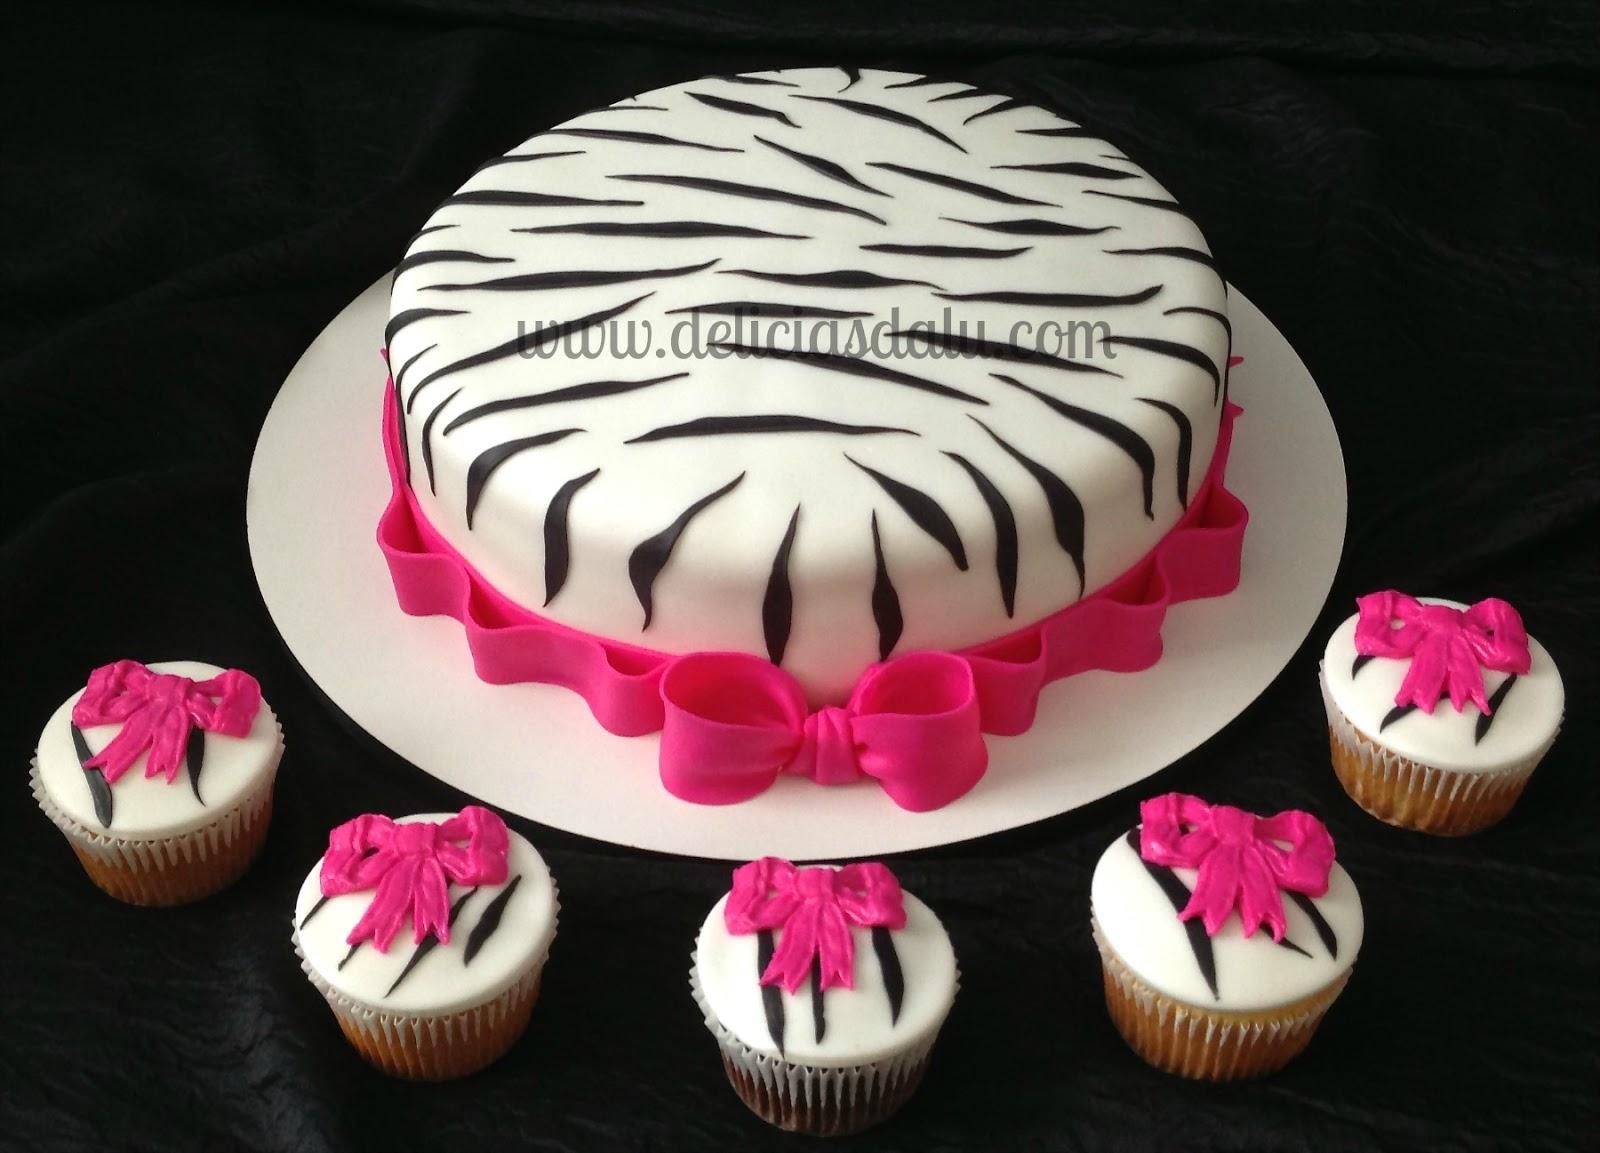 Populares Bolo Zebra | Delicias da Lu Confeitaria Artesanal UO34